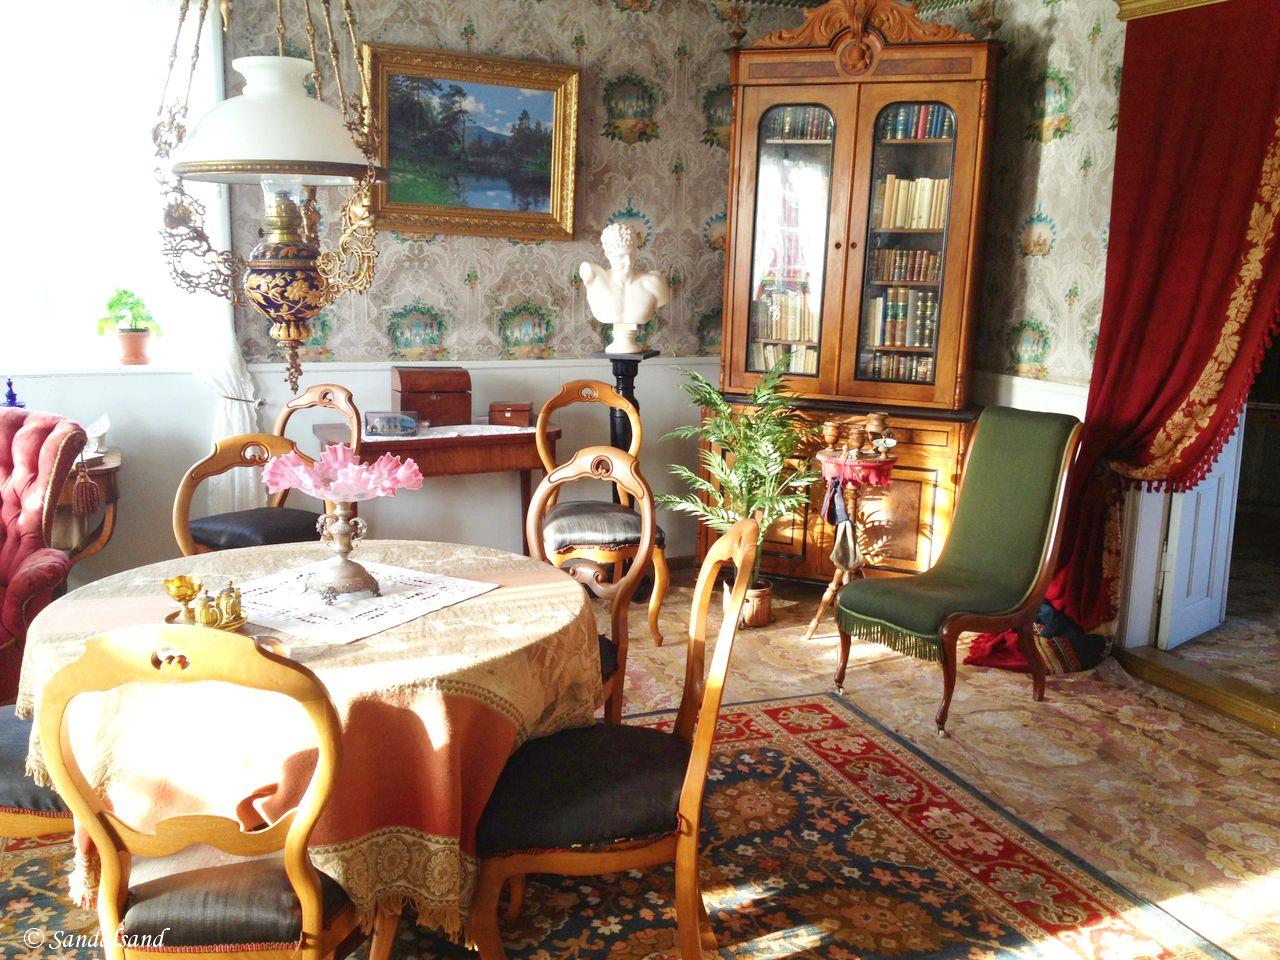 Norway - Nordland - Kjerringøy trading post - Main house - Floor 1 - Living rooms